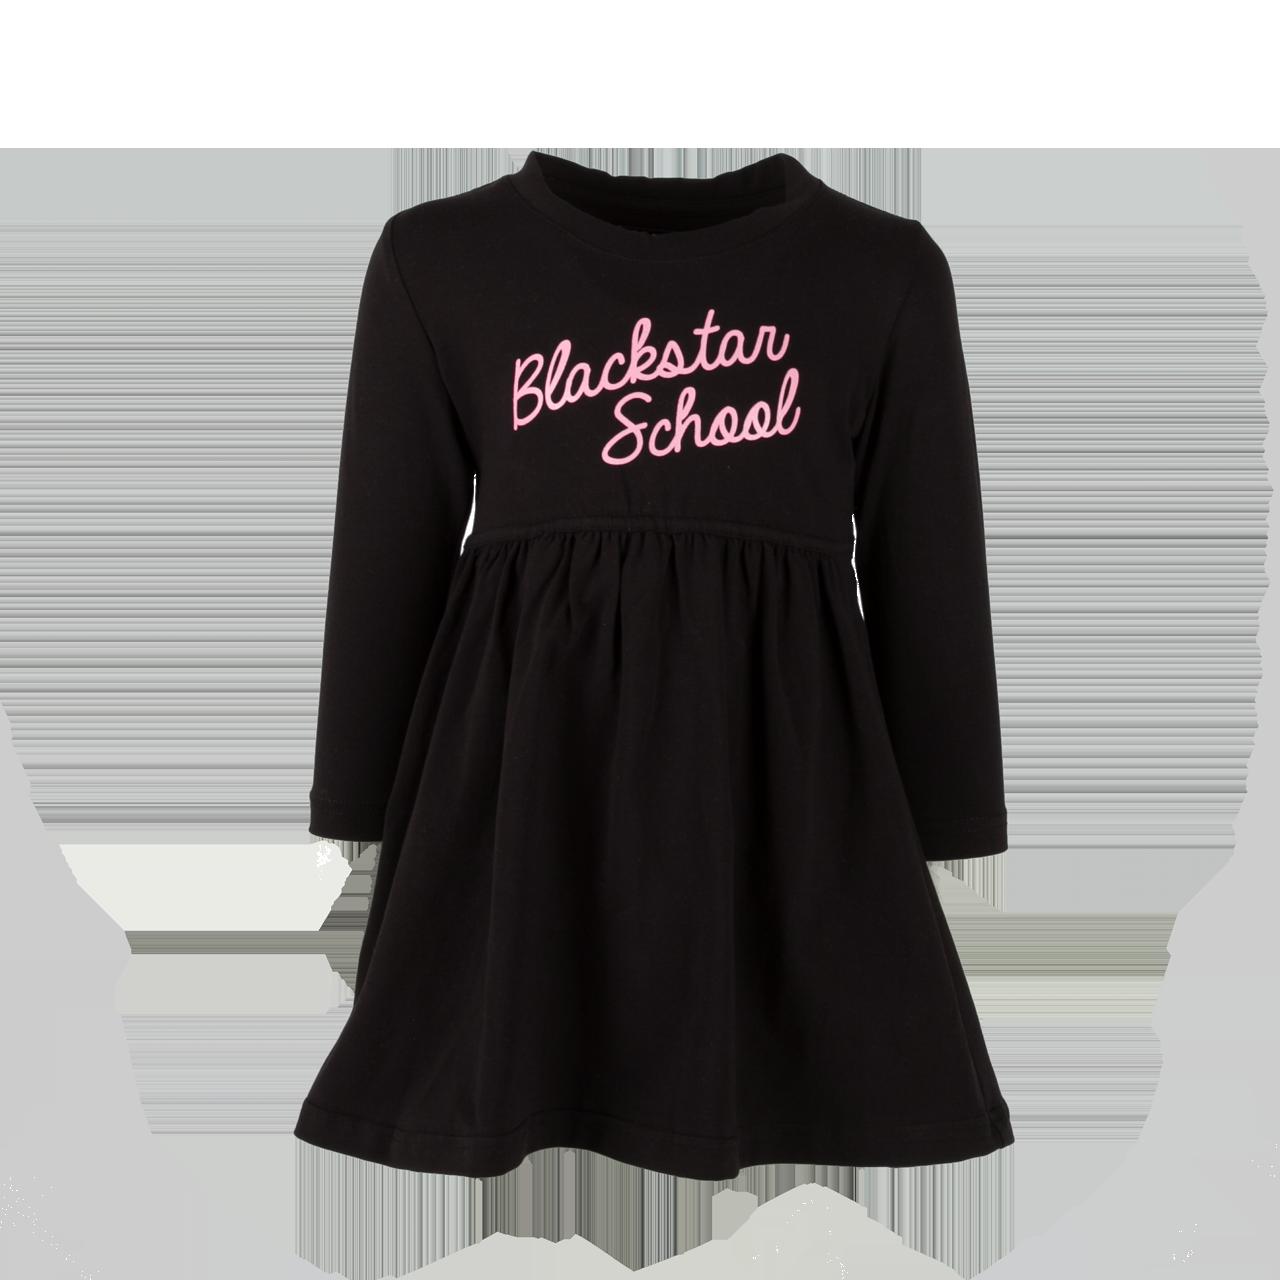 Kids dress Black Star School